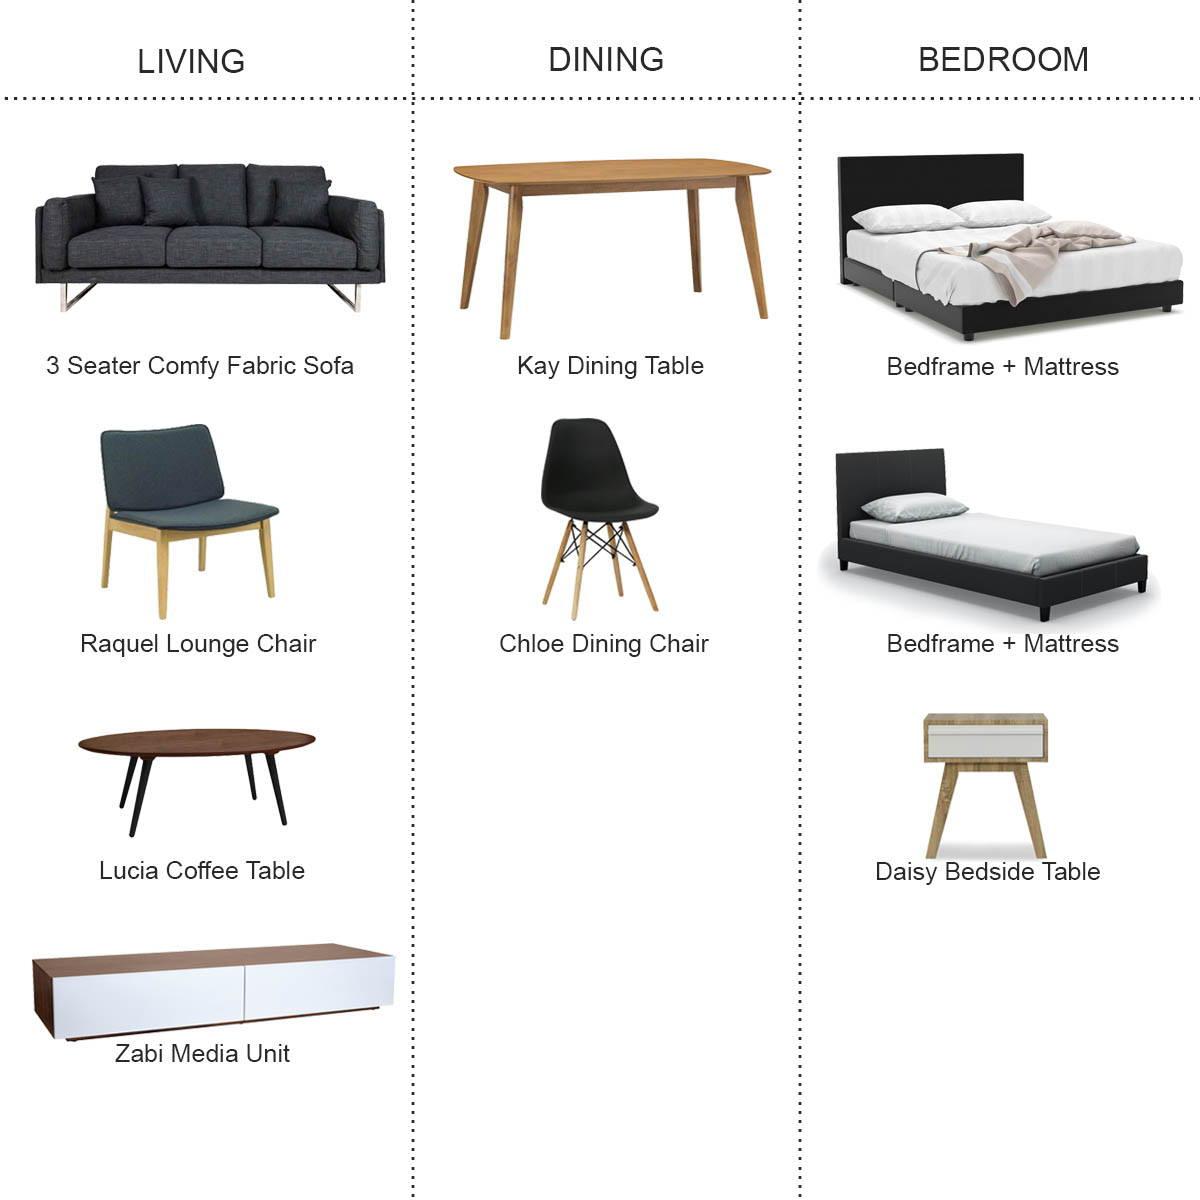 Furniture rental package